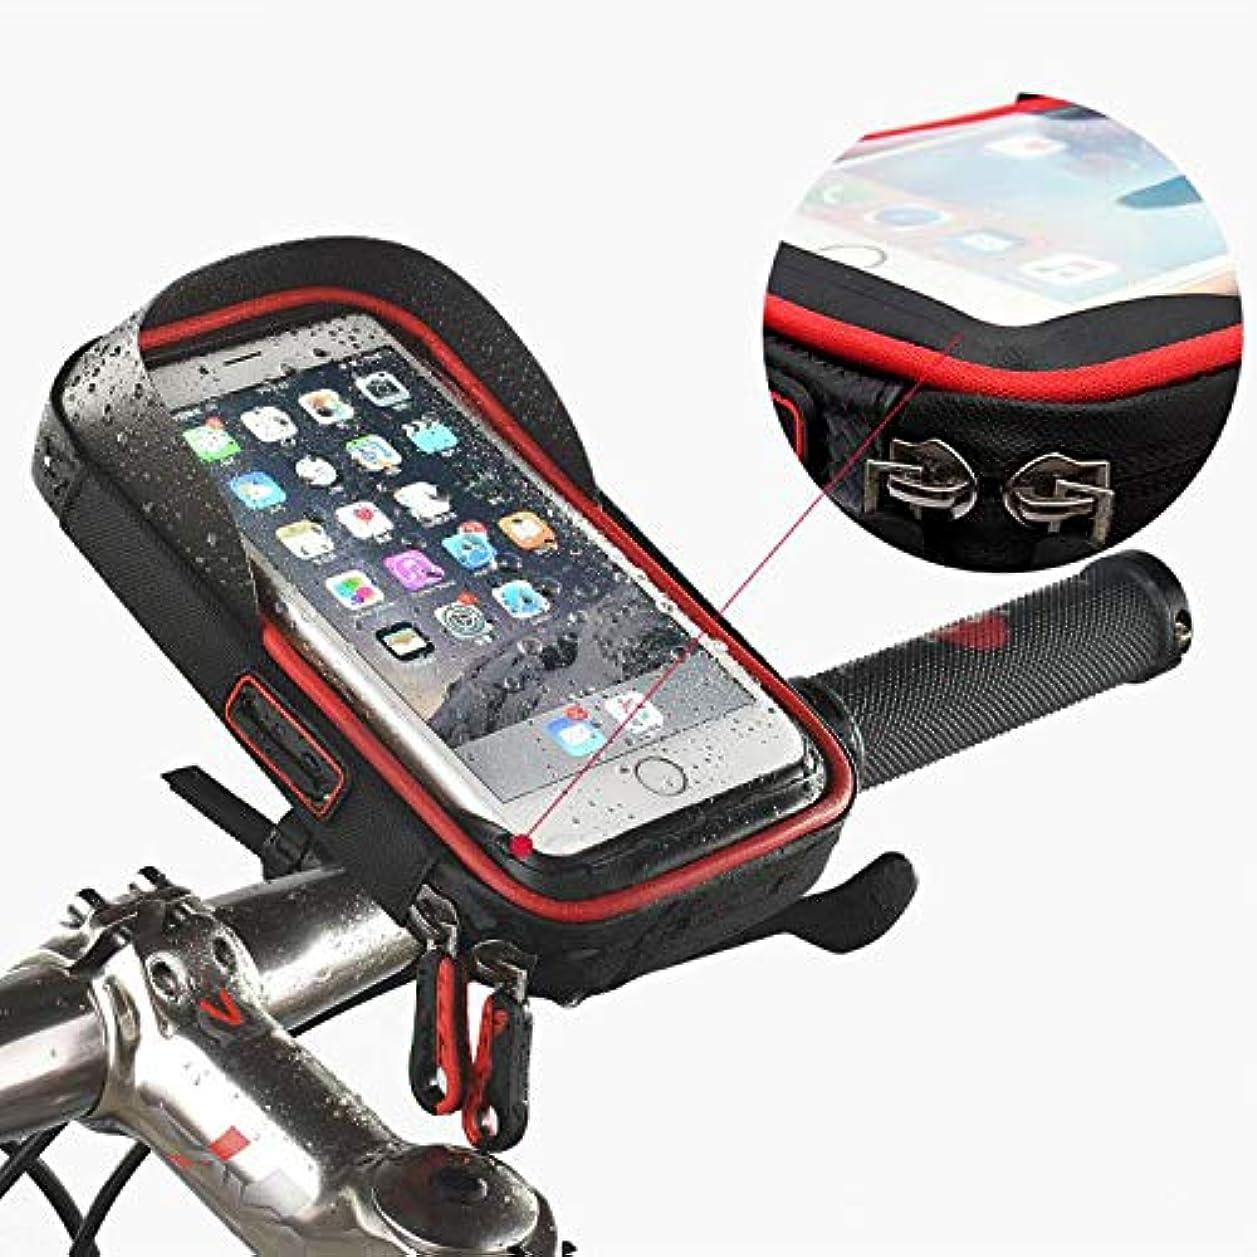 上回るペニー軽蔑自転車用電話ホルダー、ライフ防水バッグ、6インチ携帯用、乗馬用サイクリング用品